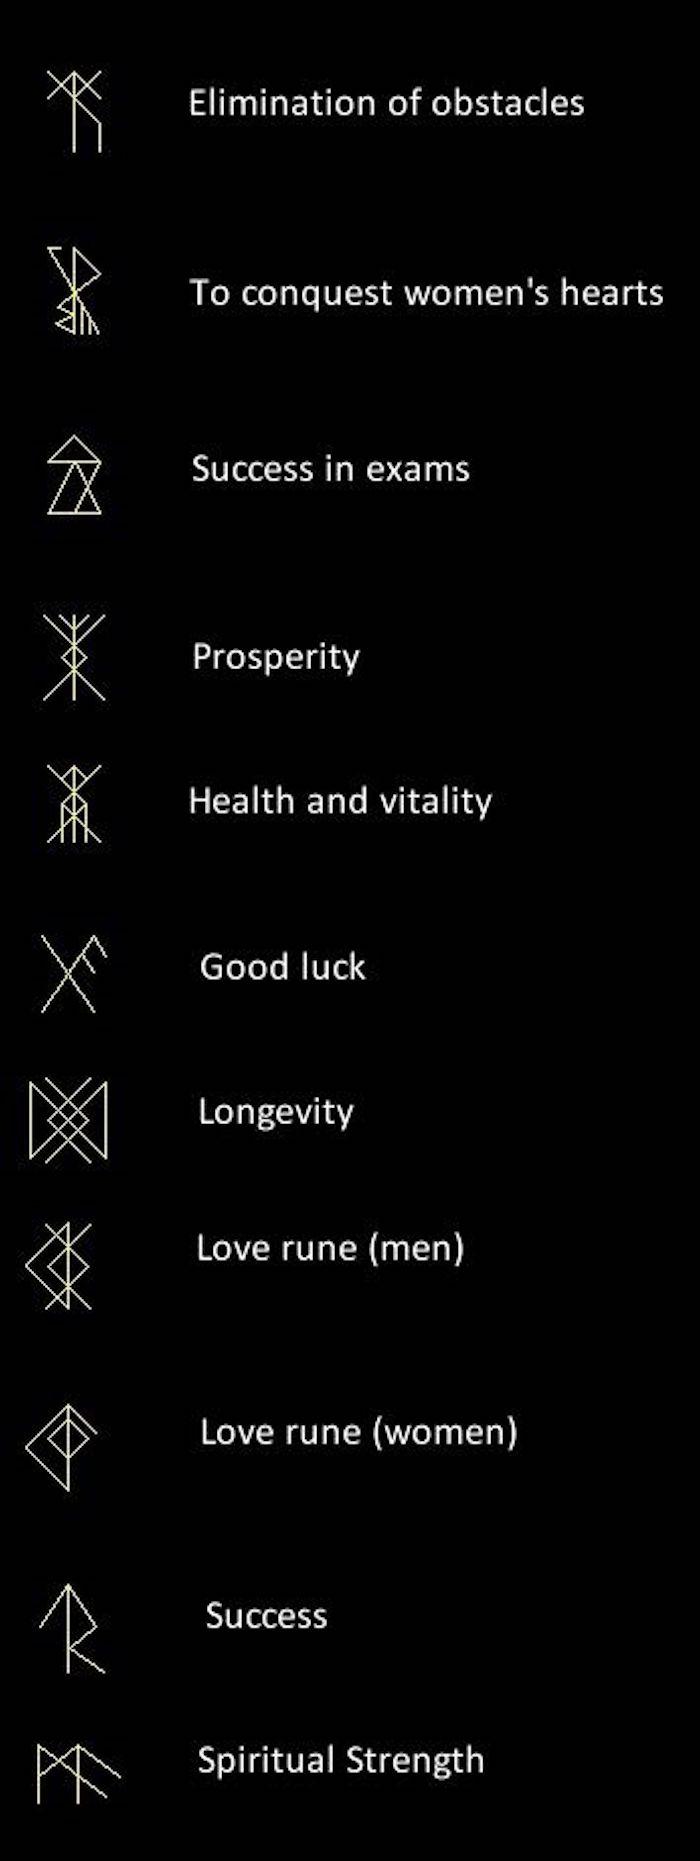 qué significan los motivos de los tatuajes tribales, diseños de tatuajes con un fuerte significado, simbologia detrás de los tatuajes